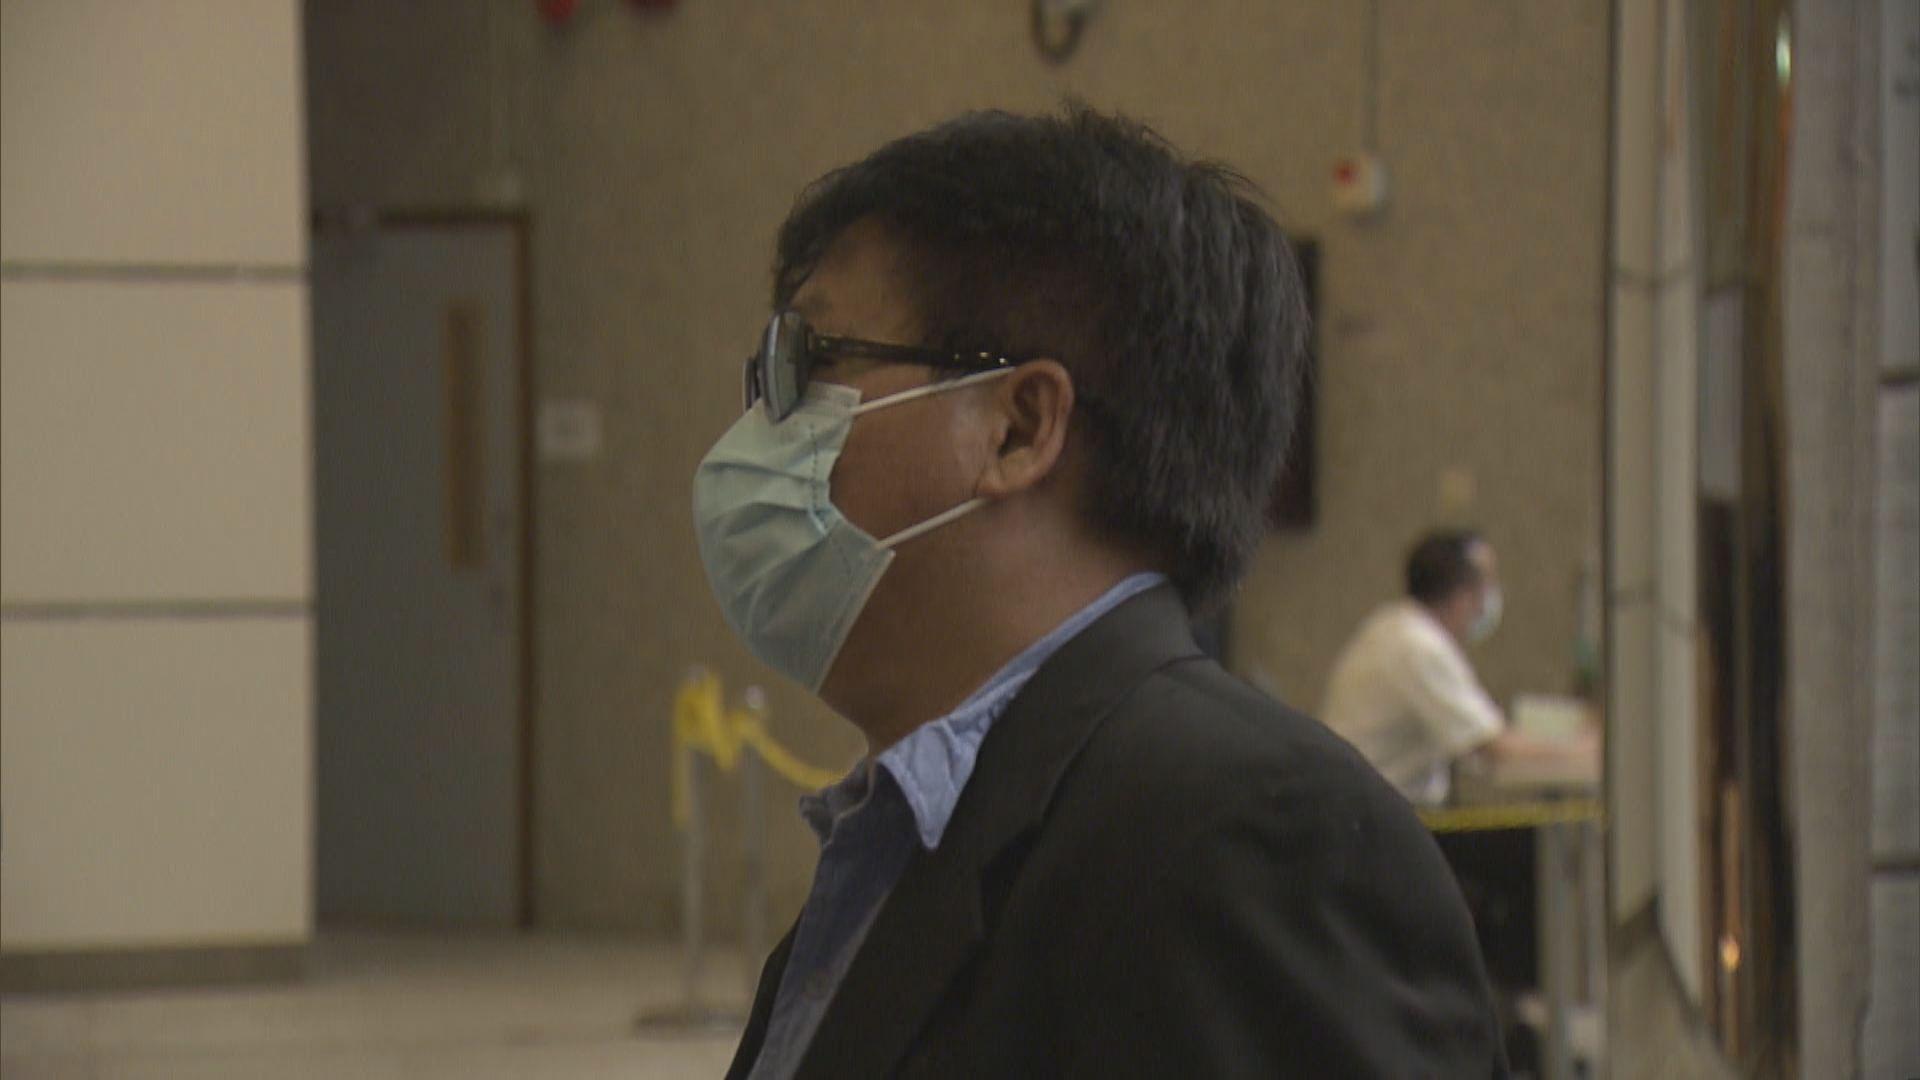 721元朗白衣人暴動案 法庭裁定首被告王志榮無罪